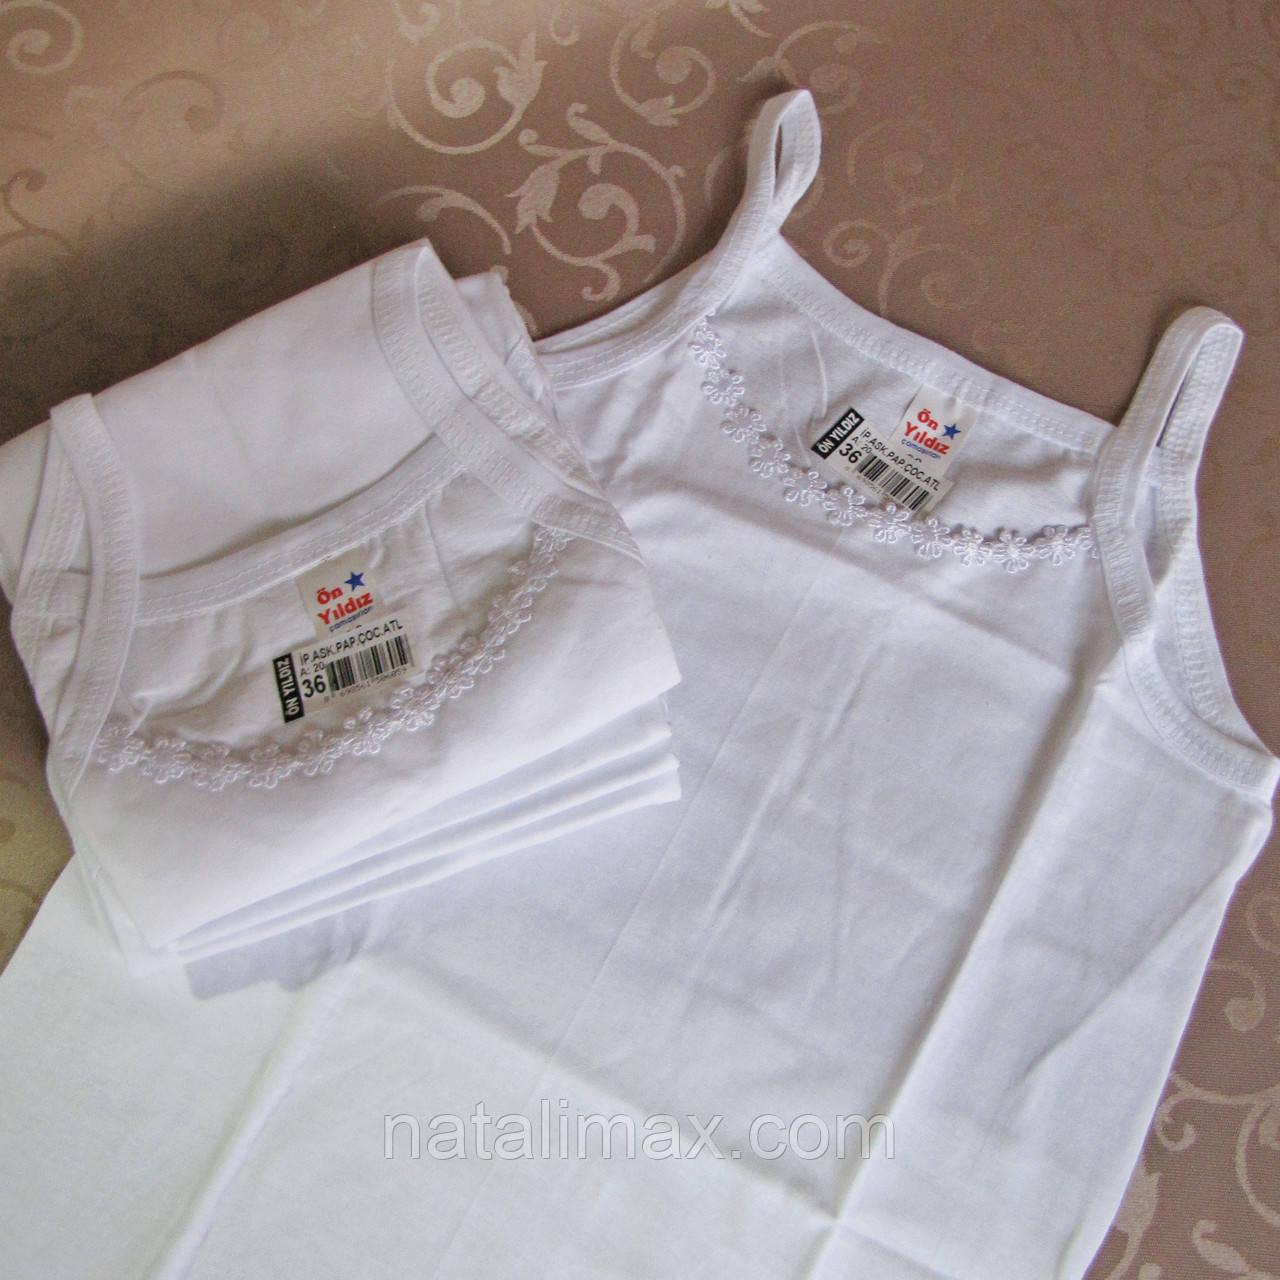 fb059e858126898 Майка белая бельевая для девочки -РОСТОВКА - 6 шт. Турция. Купить майки,